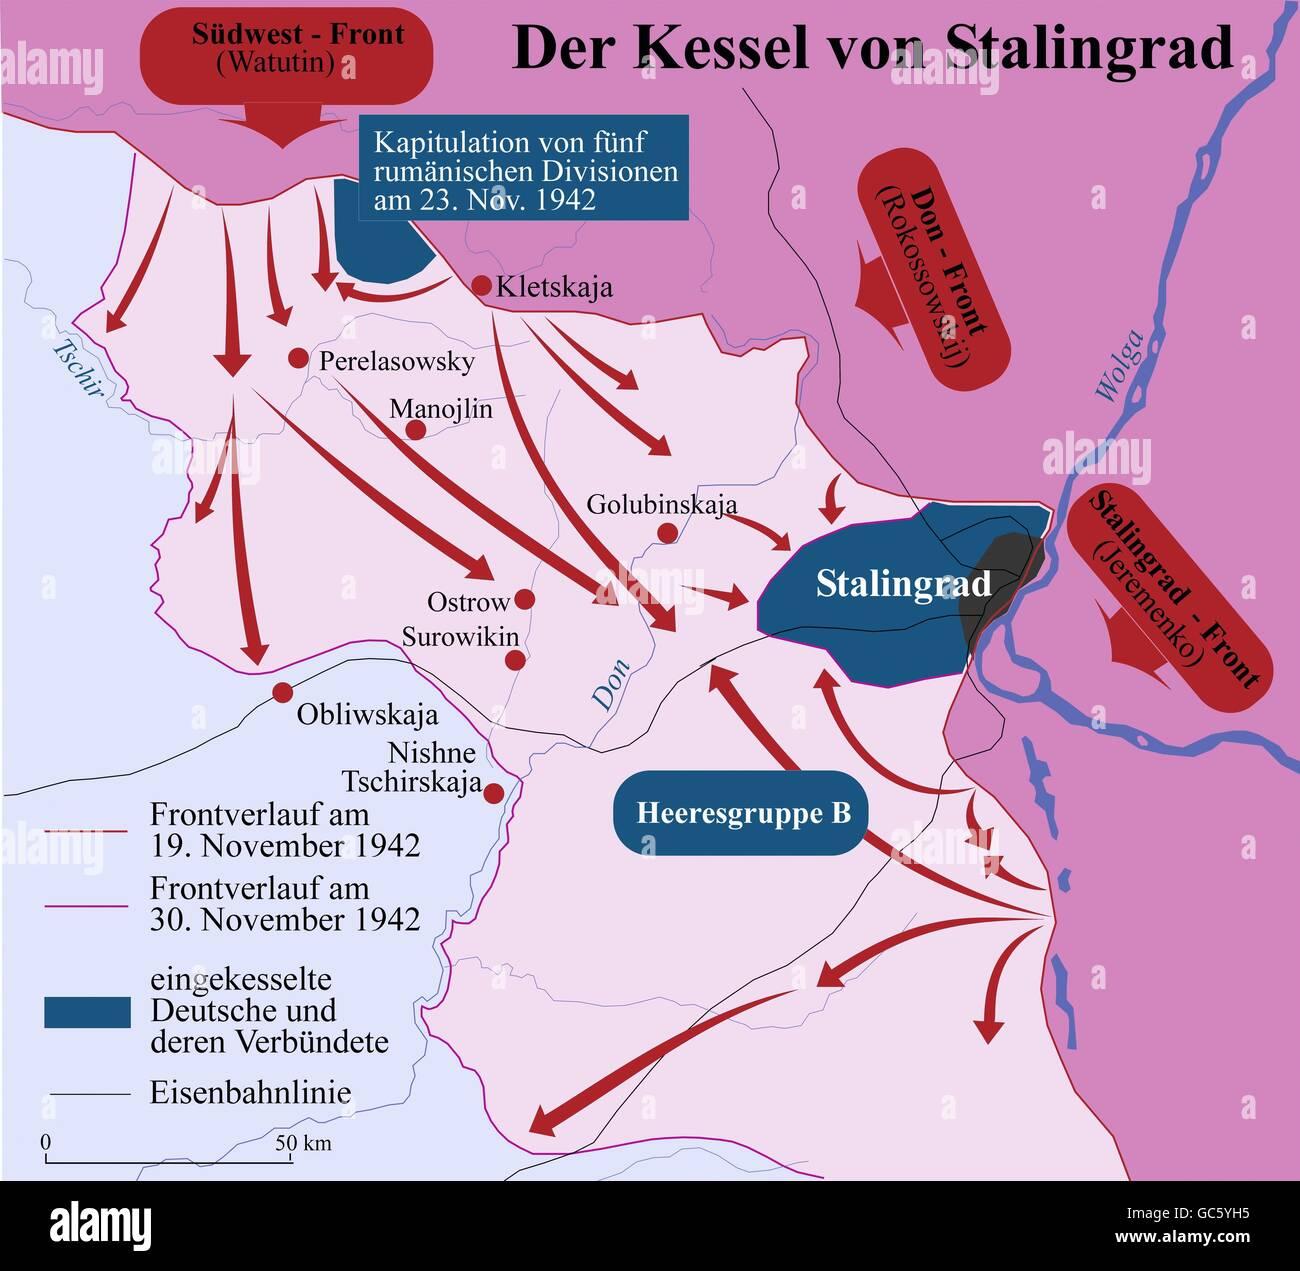 Stalingrad Karte Europa.Kartographie Historische Karten Moderne Zeiten Zweiten Weltkrieg